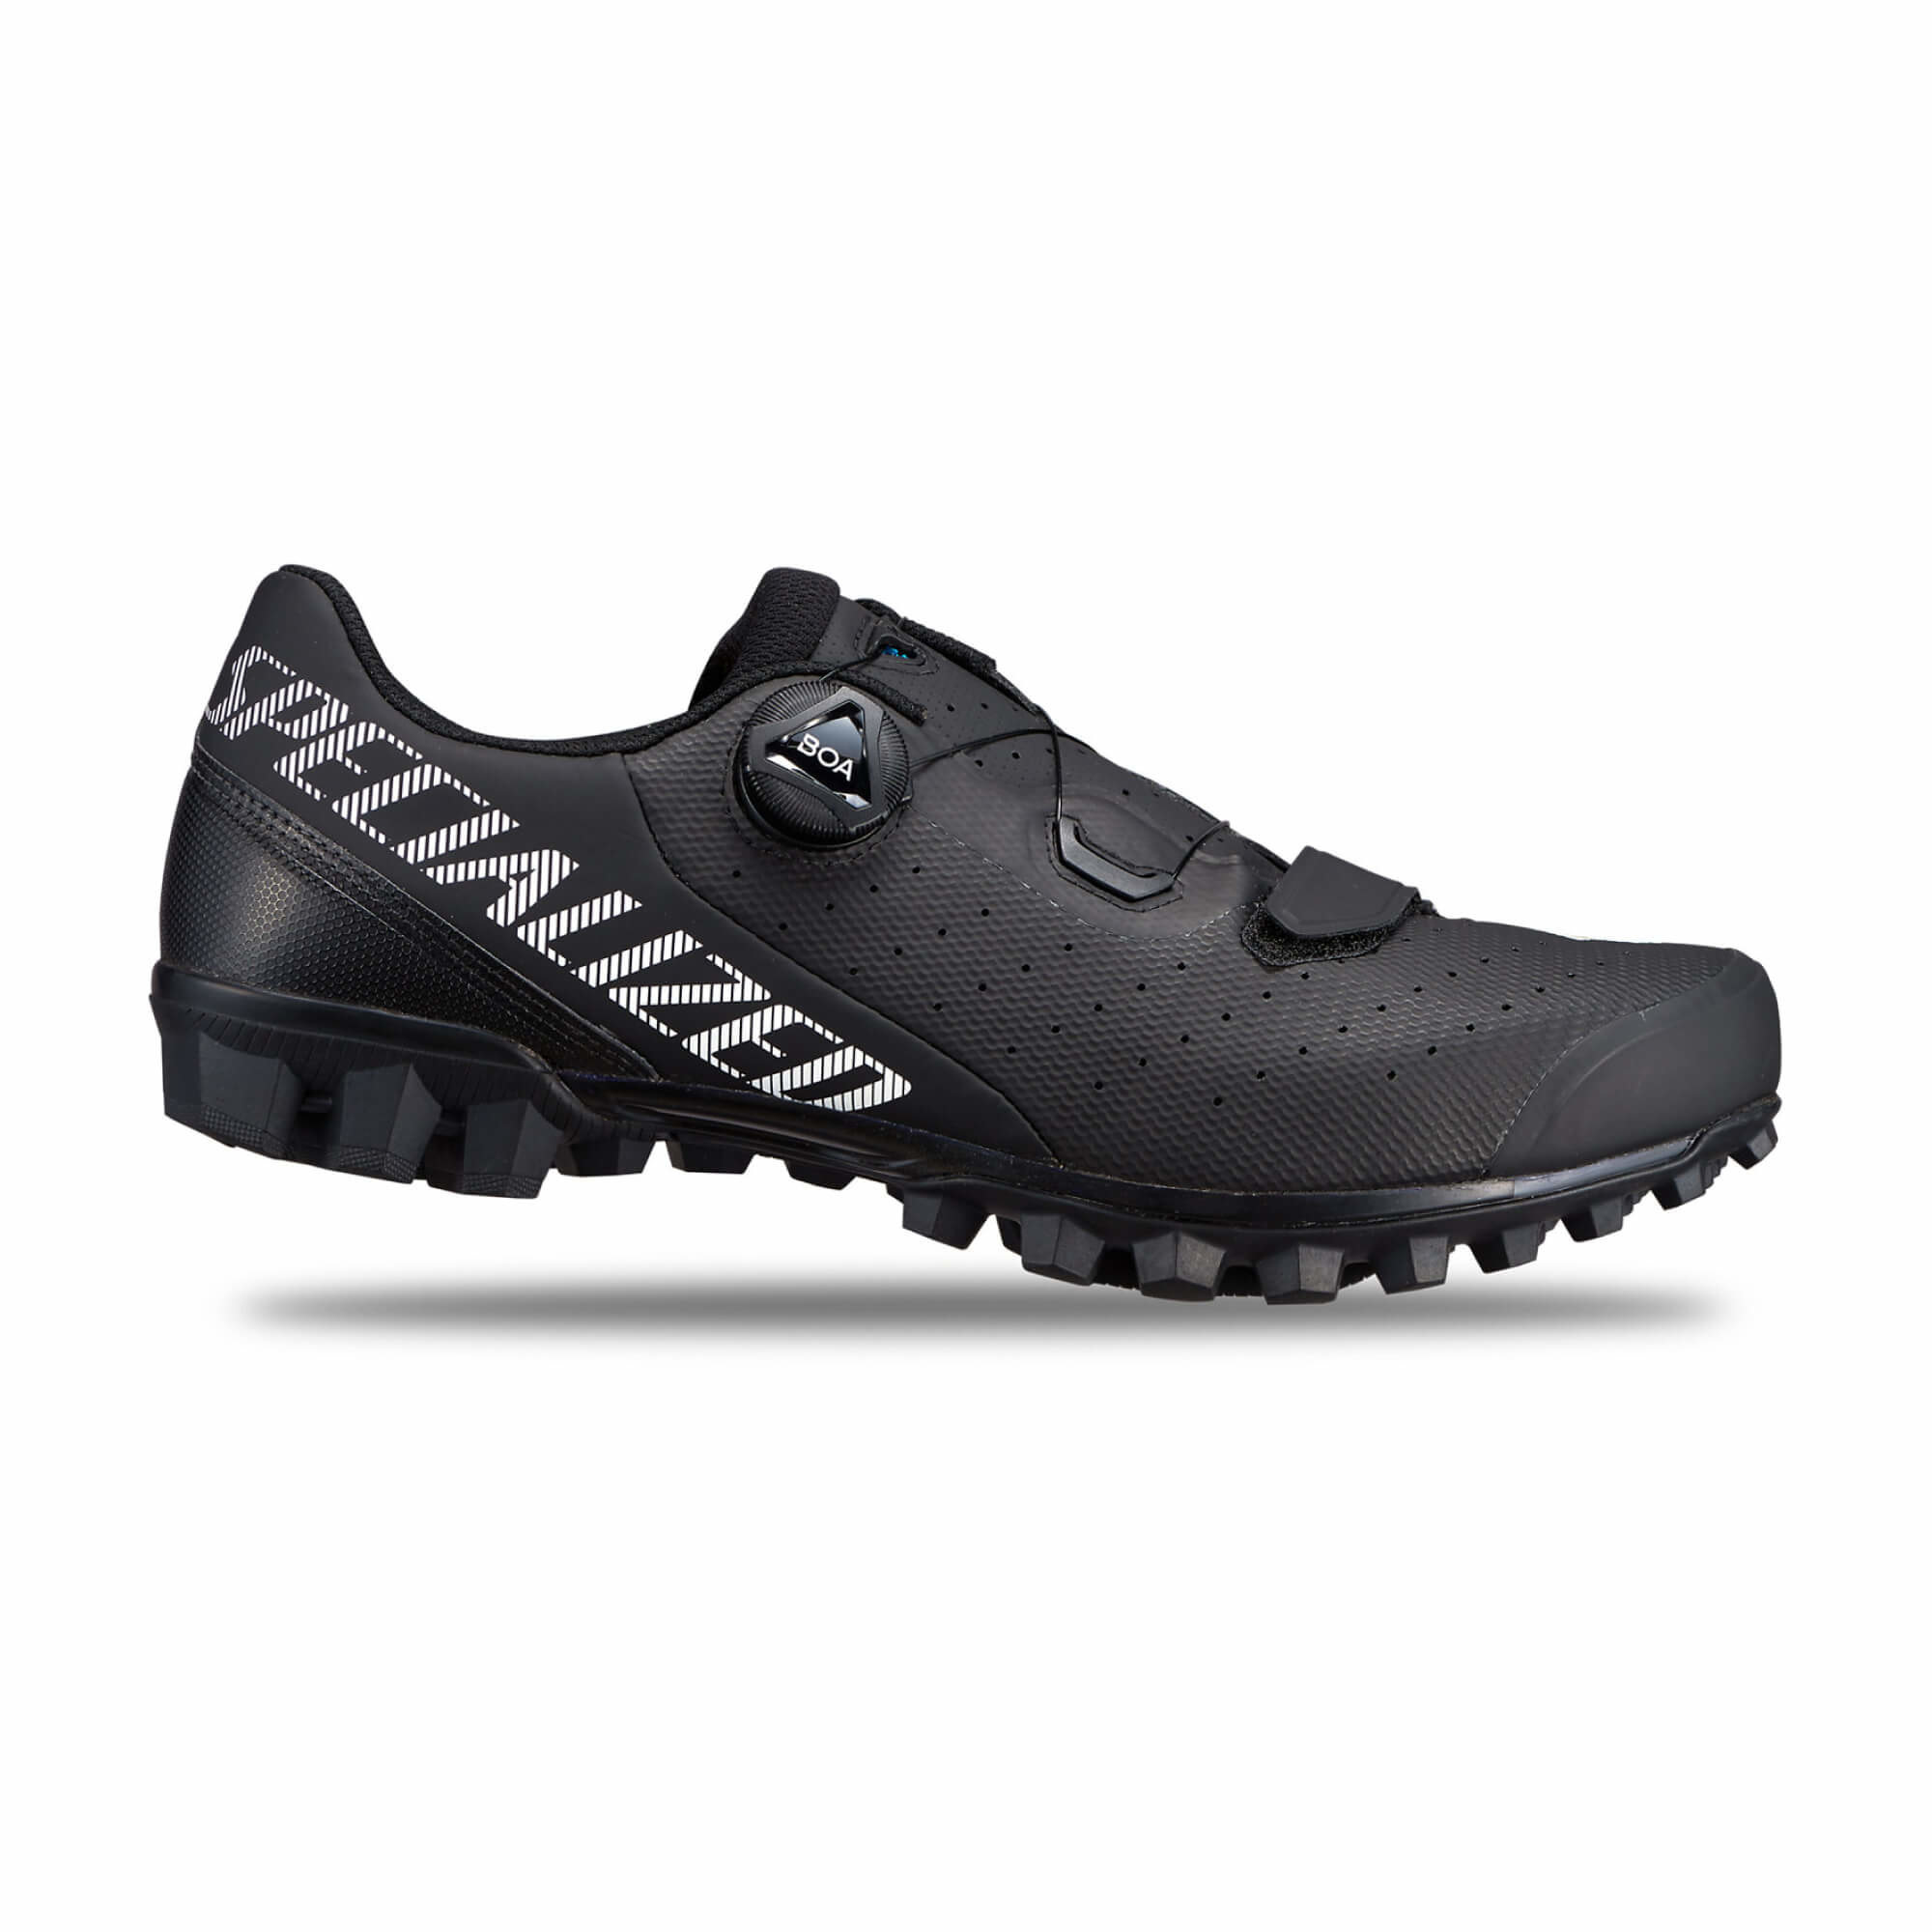 Recon 2.0 Mountain Bike Shoes-11